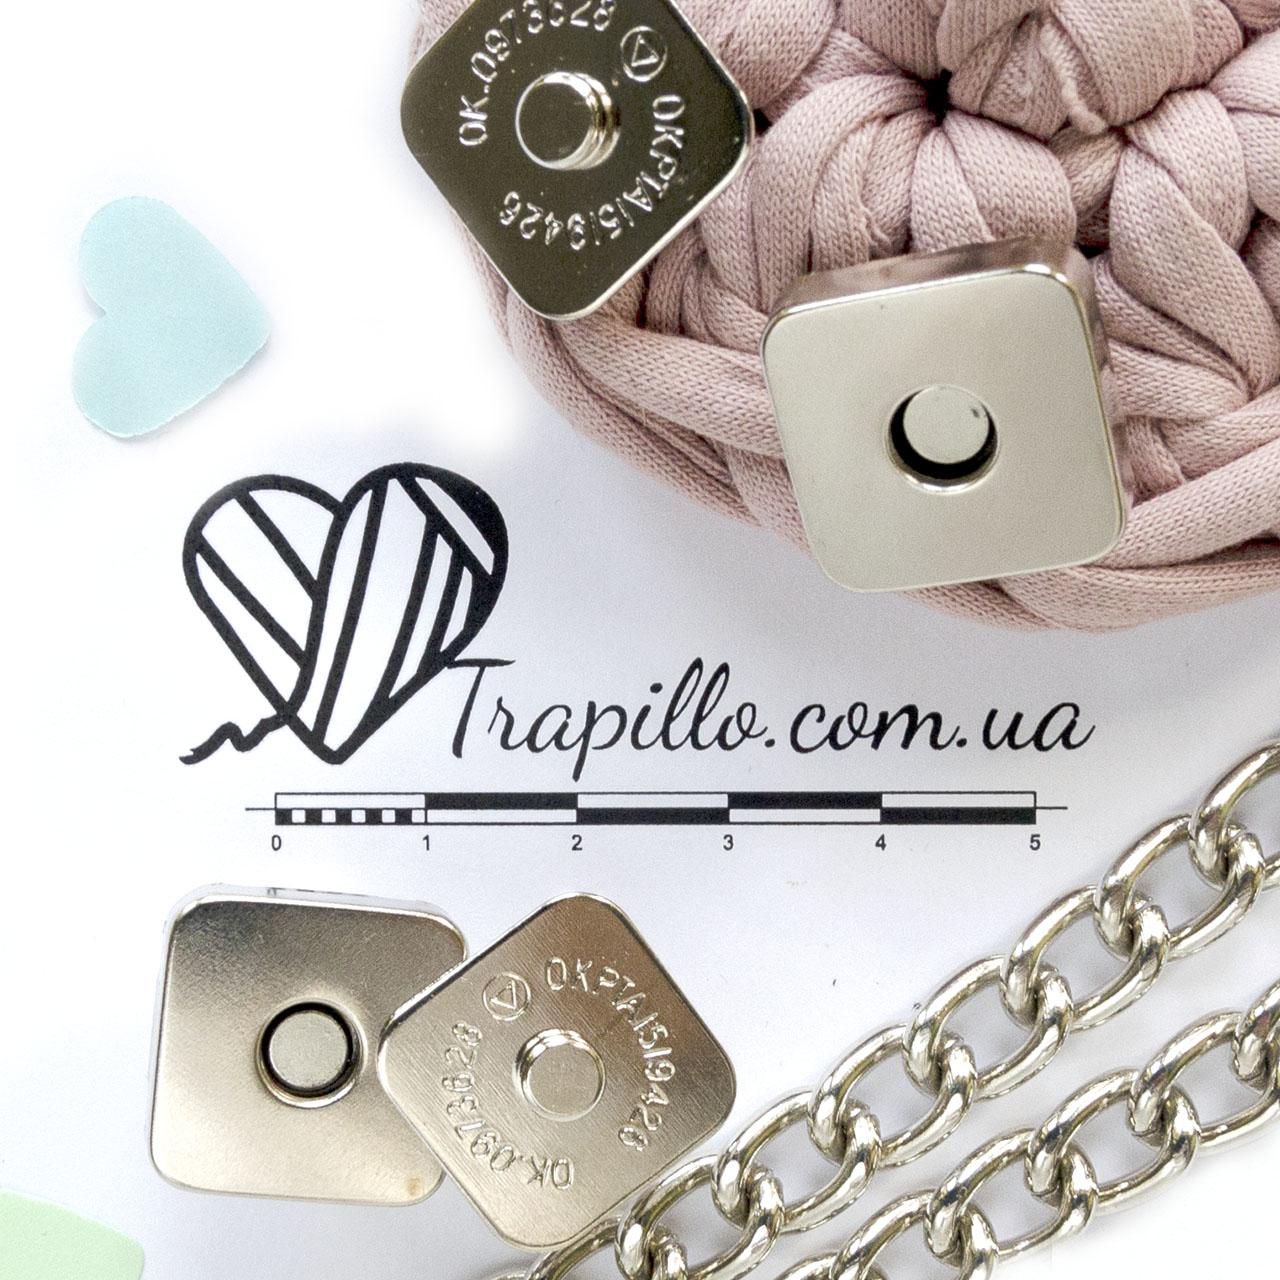 Кнопка магнитная квадрат 18 мм никель